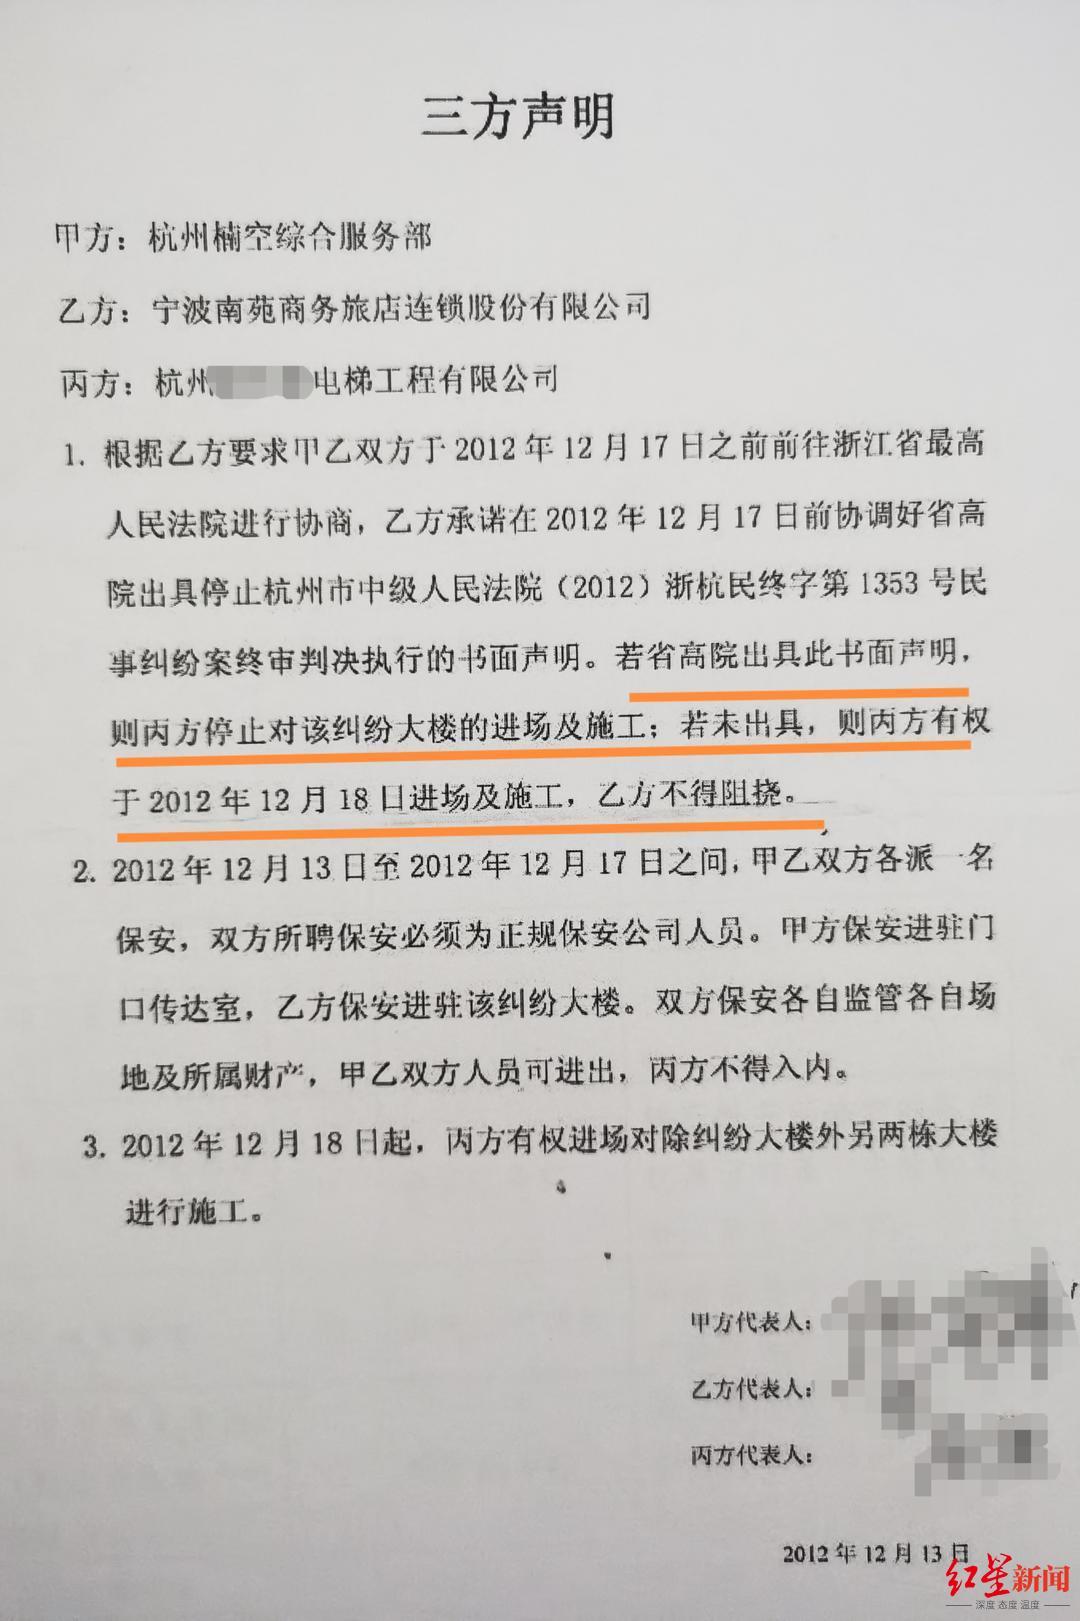 楠空服务部与南苑公司、杭州某电梯公司签订的《三方声明》。